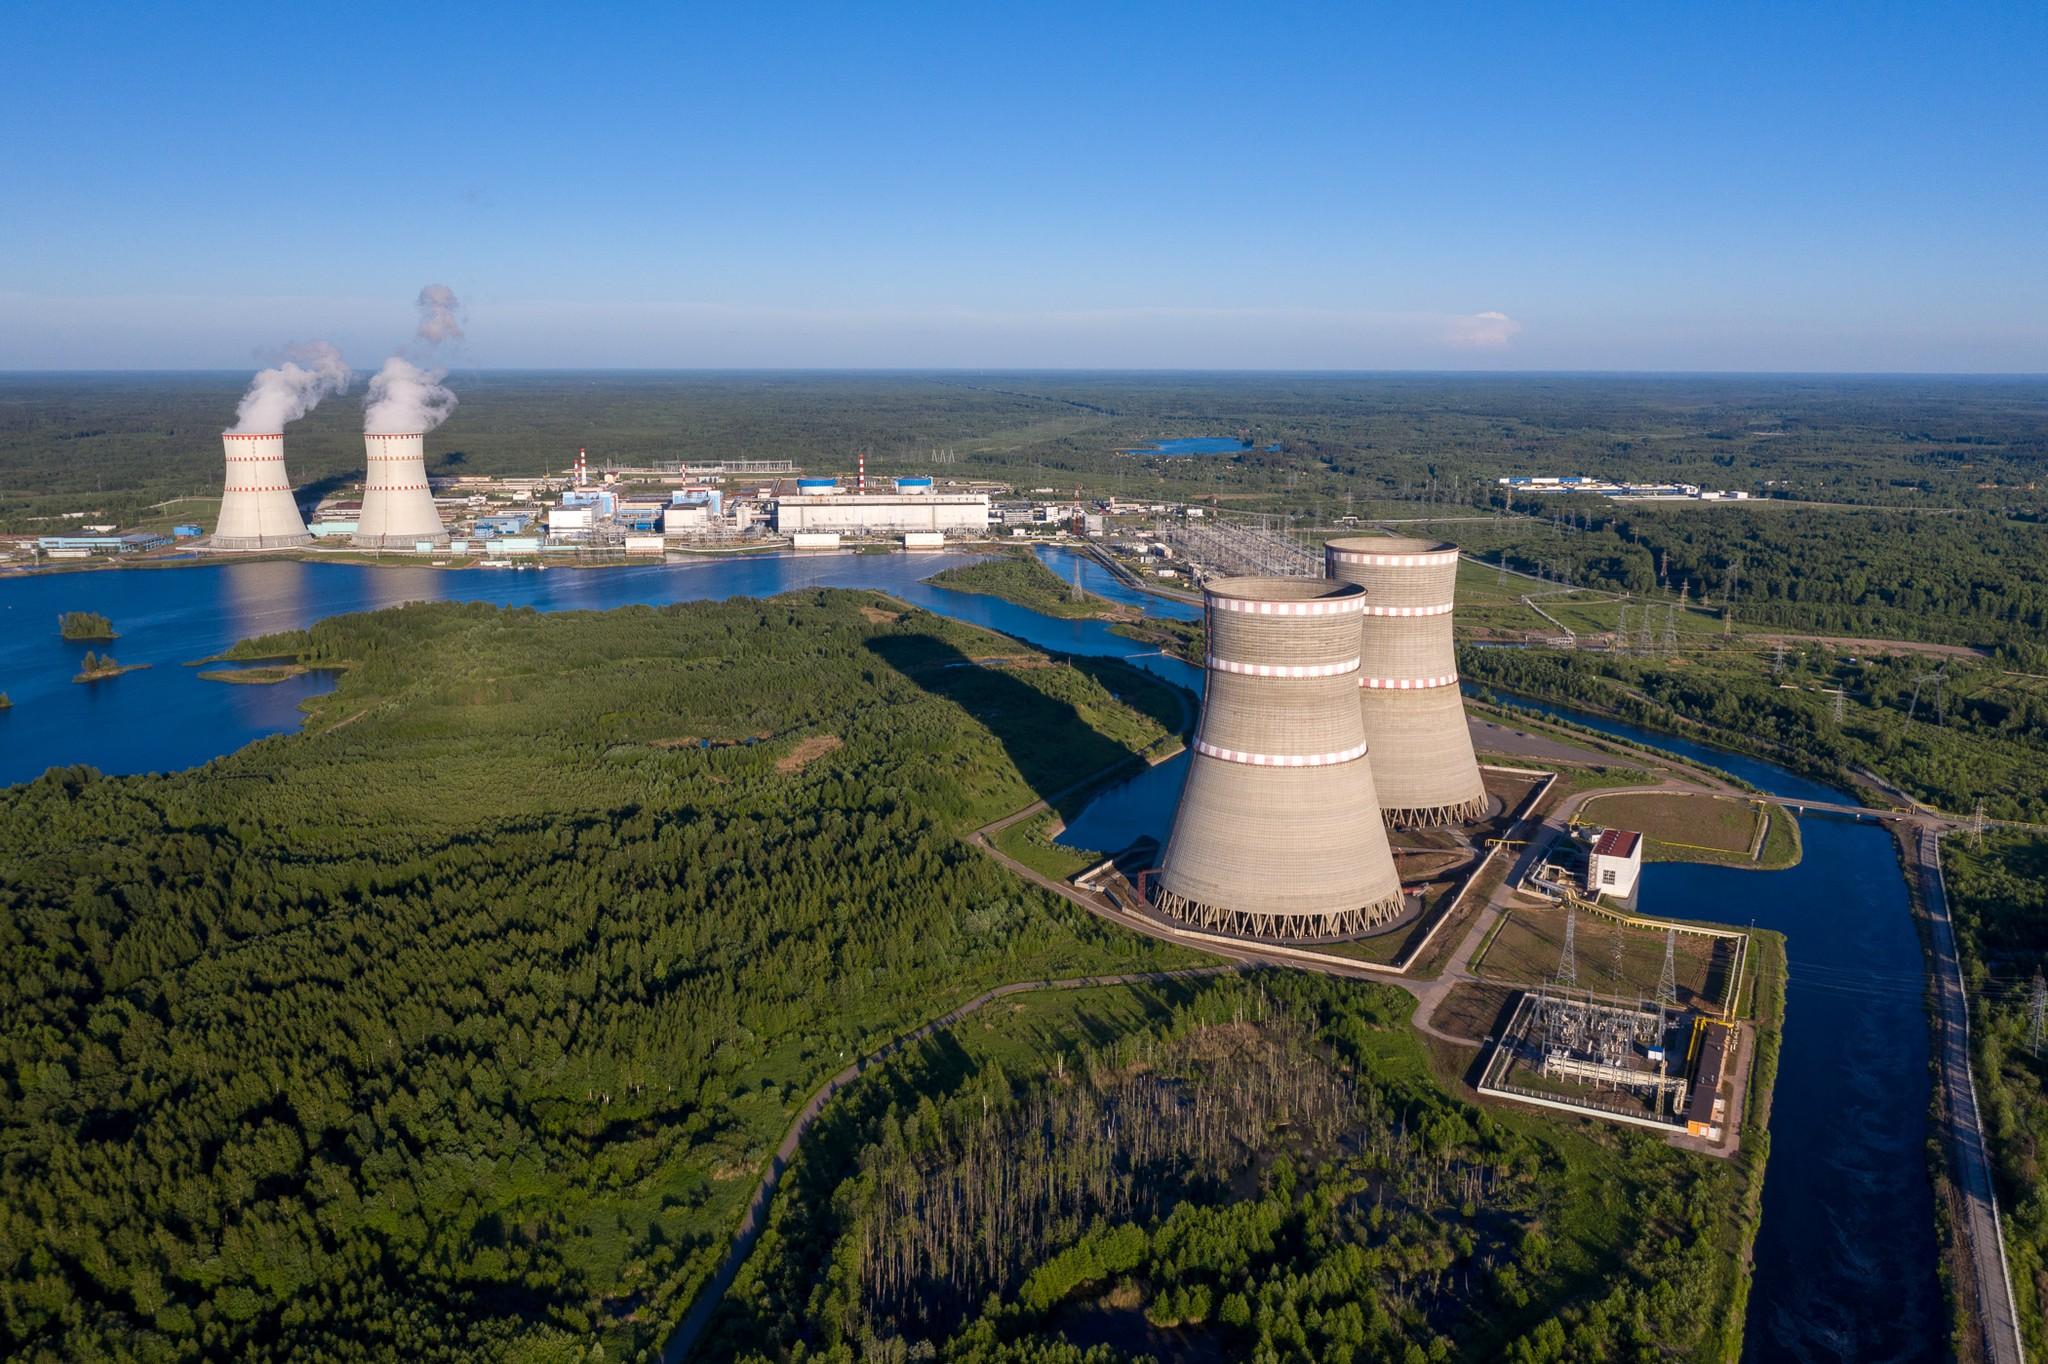 Калининская АЭС: 536 миллионов рублей составила дополнительная выручка в апреле 2021 года